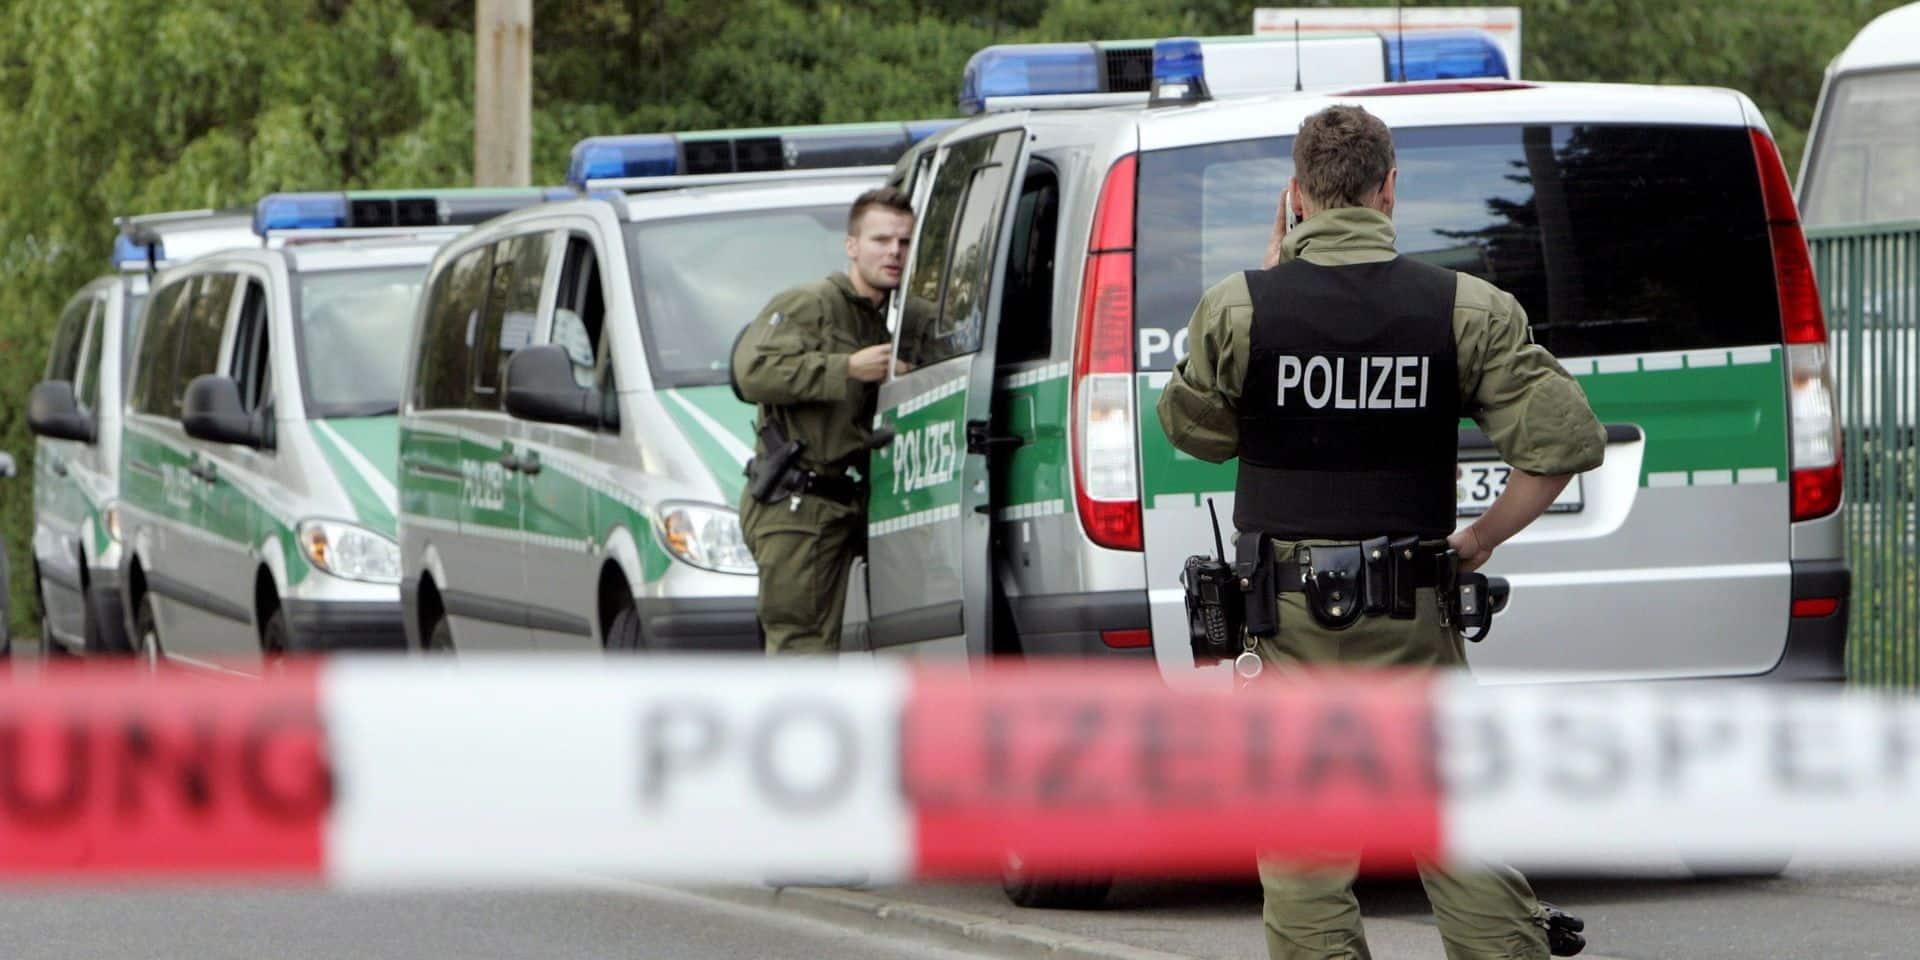 Enquête sur le décès d'un homme de 19 ans après une intervention policière en Allemagne